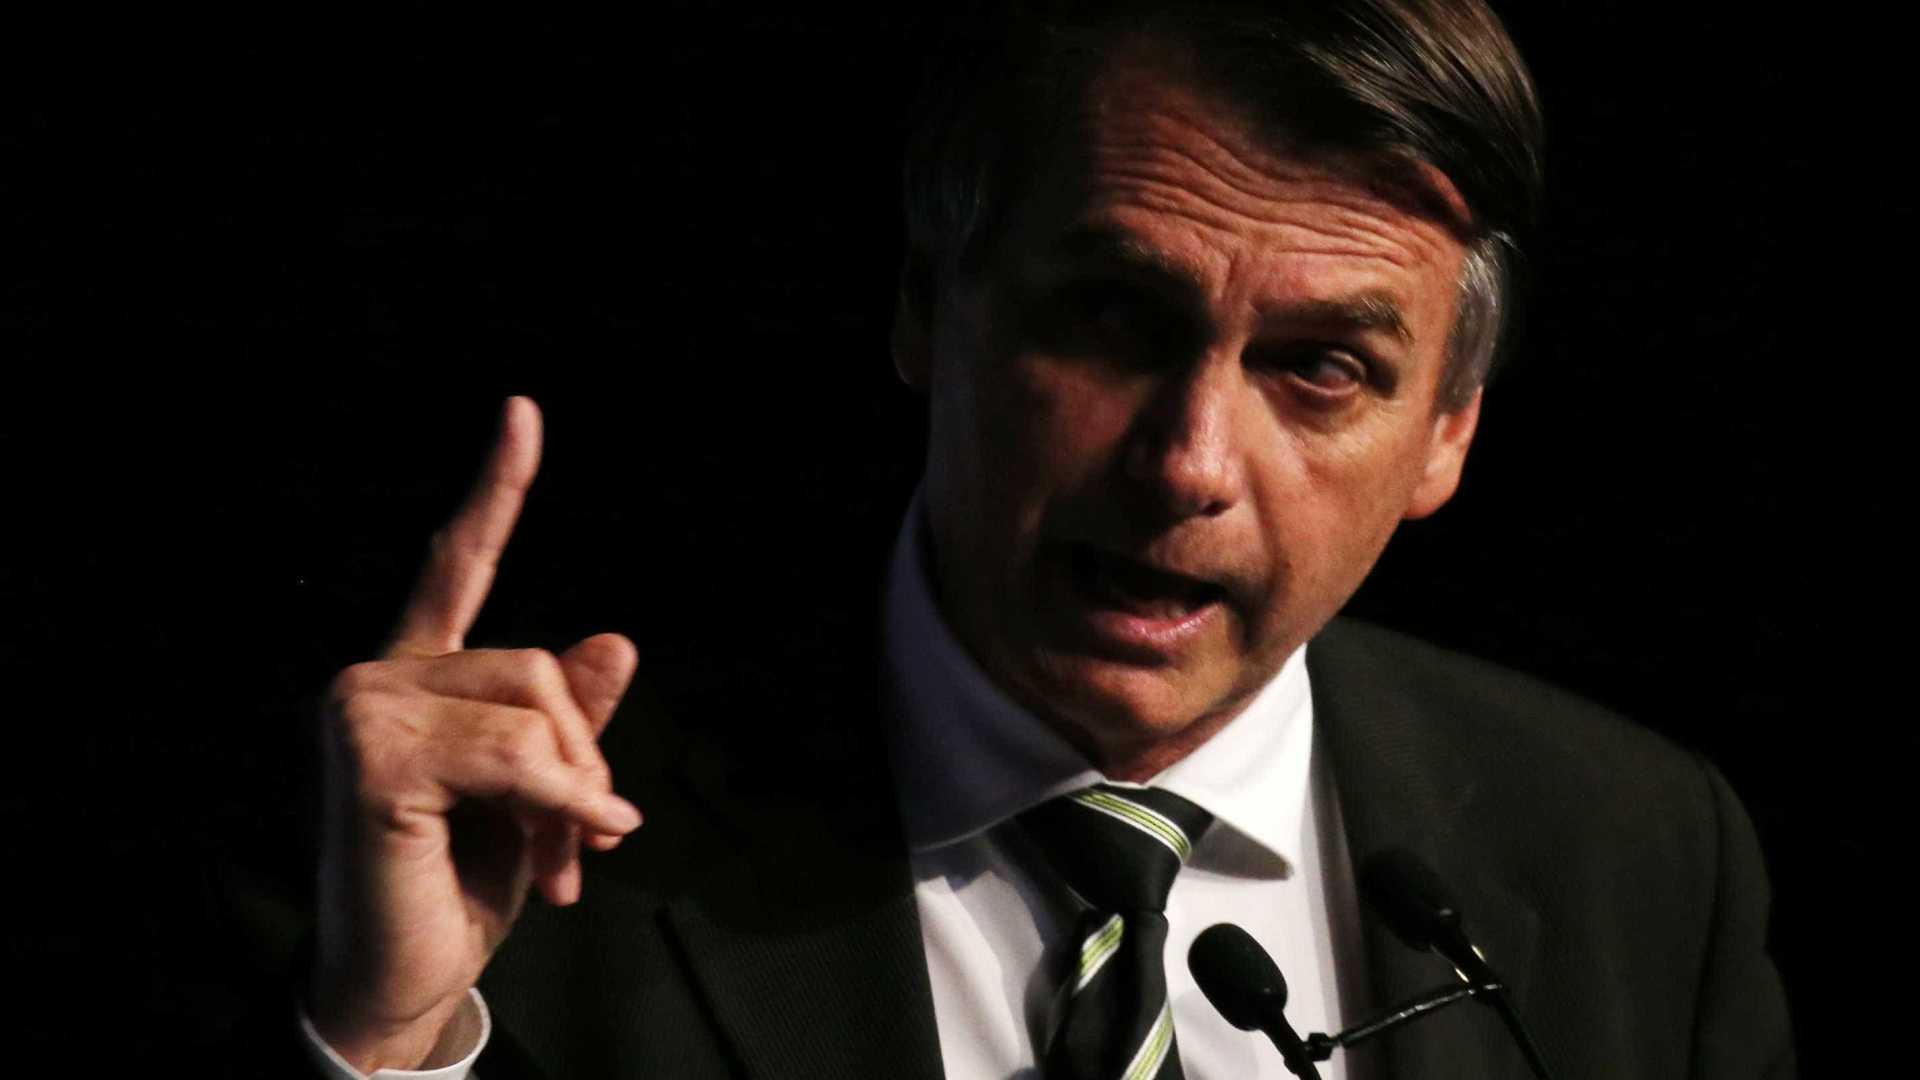 'Aqui no Brasil não existe isso de racismo', diz Bolsonaro